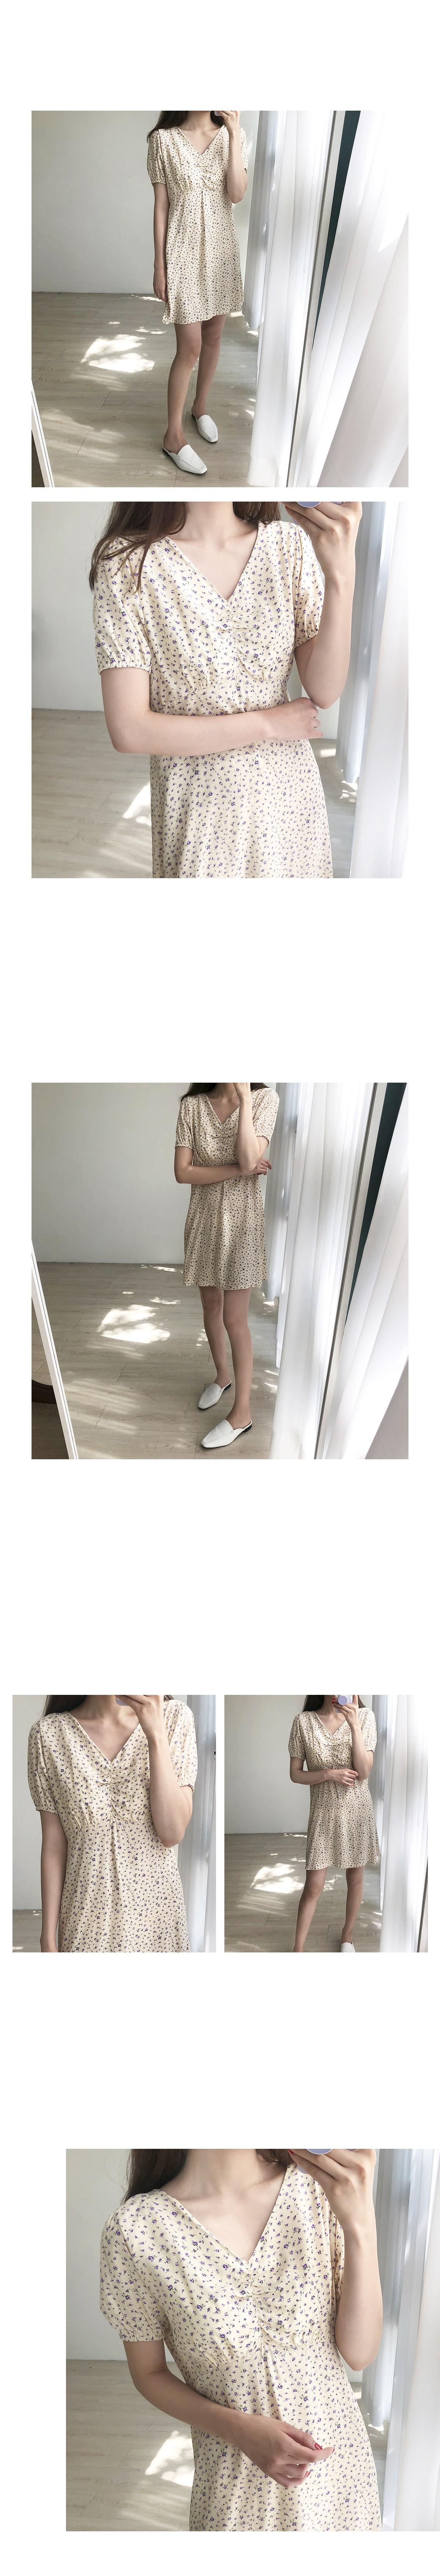 Reina mini dress